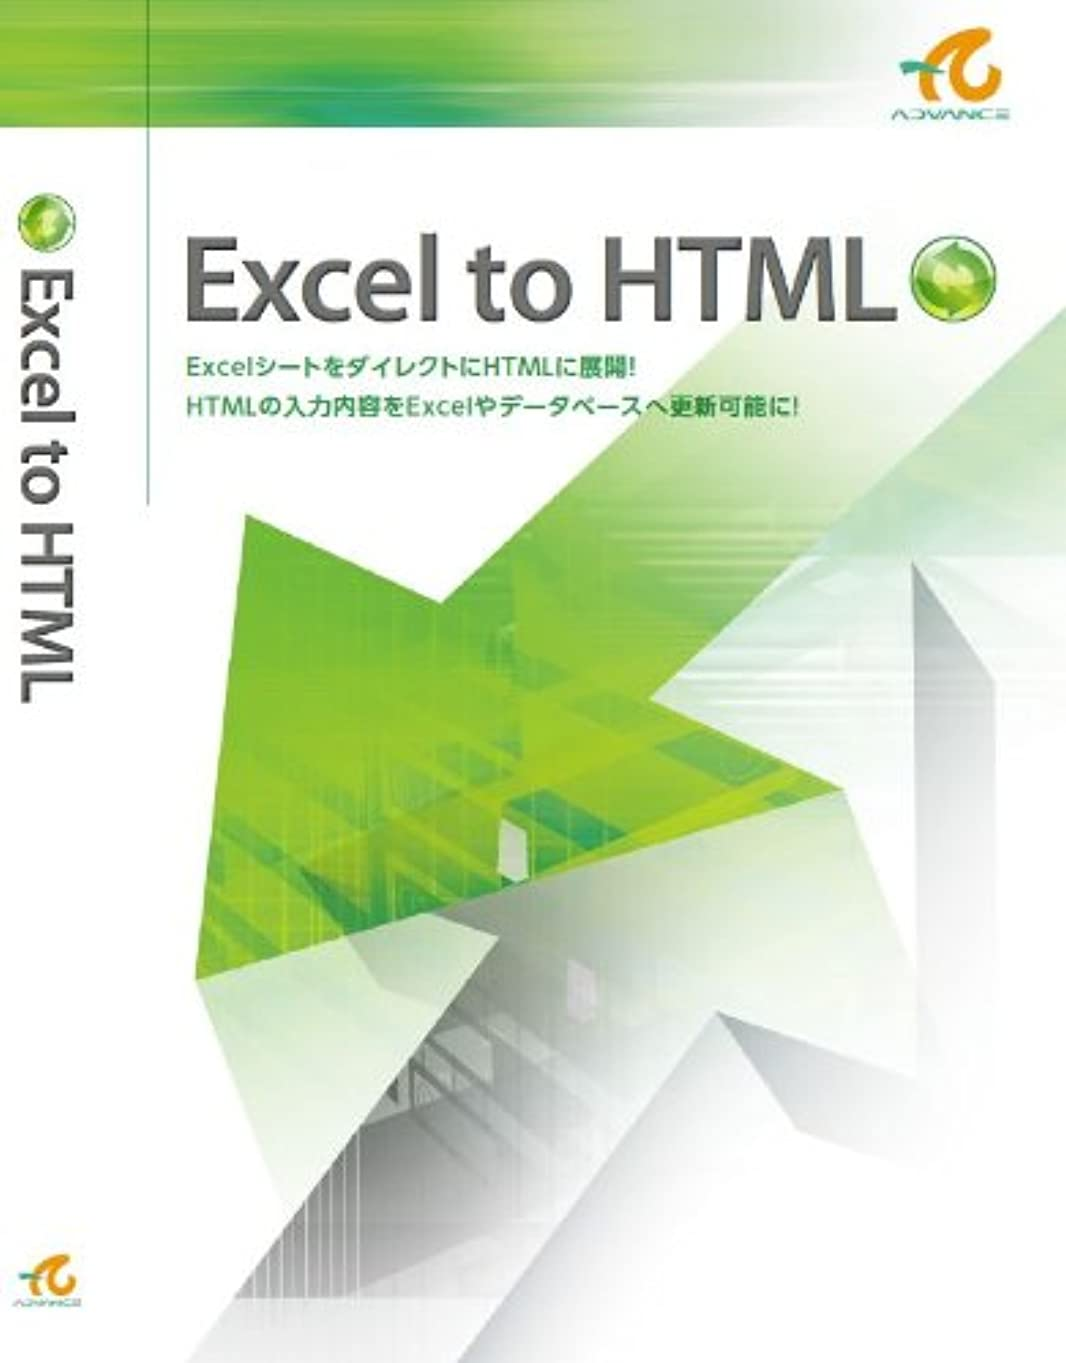 忠実に根絶する想像力アドバンスソフトウェア Excel to HTML